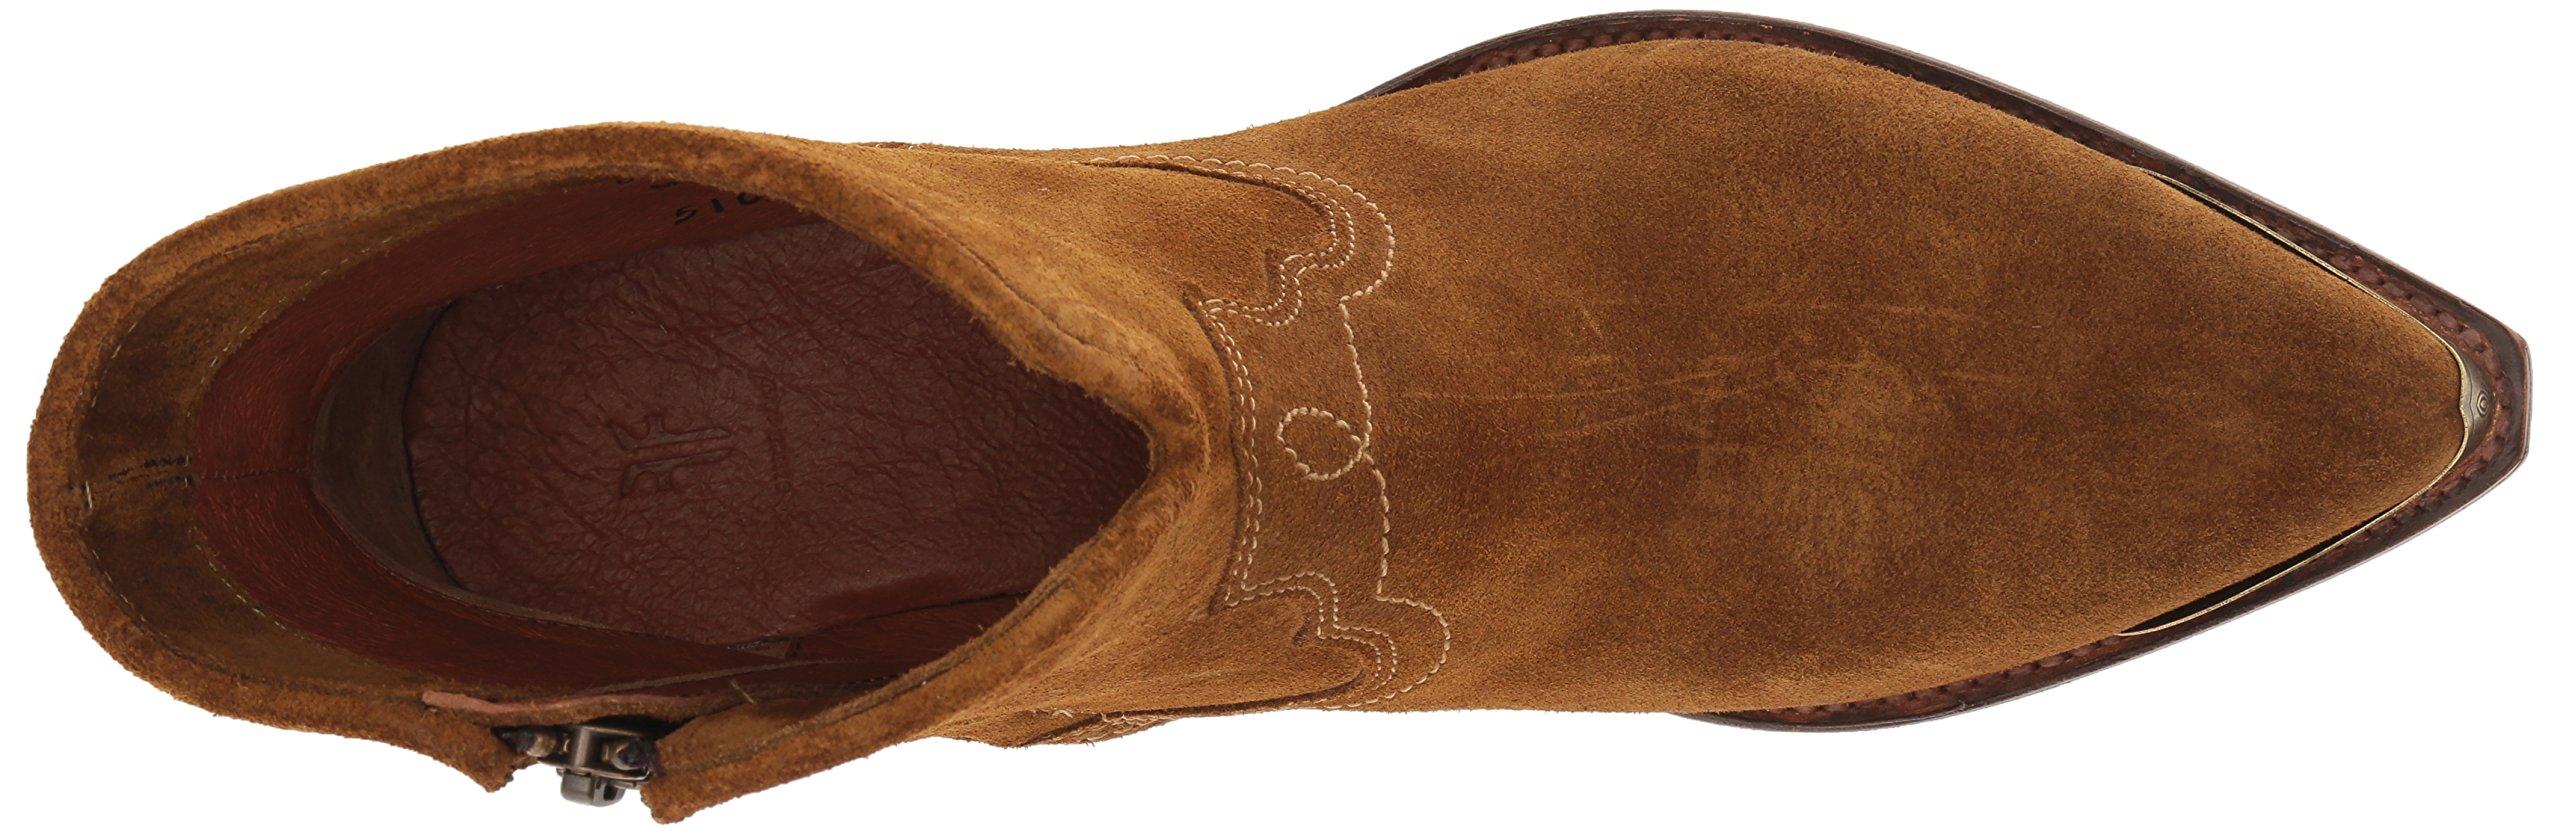 FRYE Women's Shane Tip Short Western Boot by FRYE (Image #8)